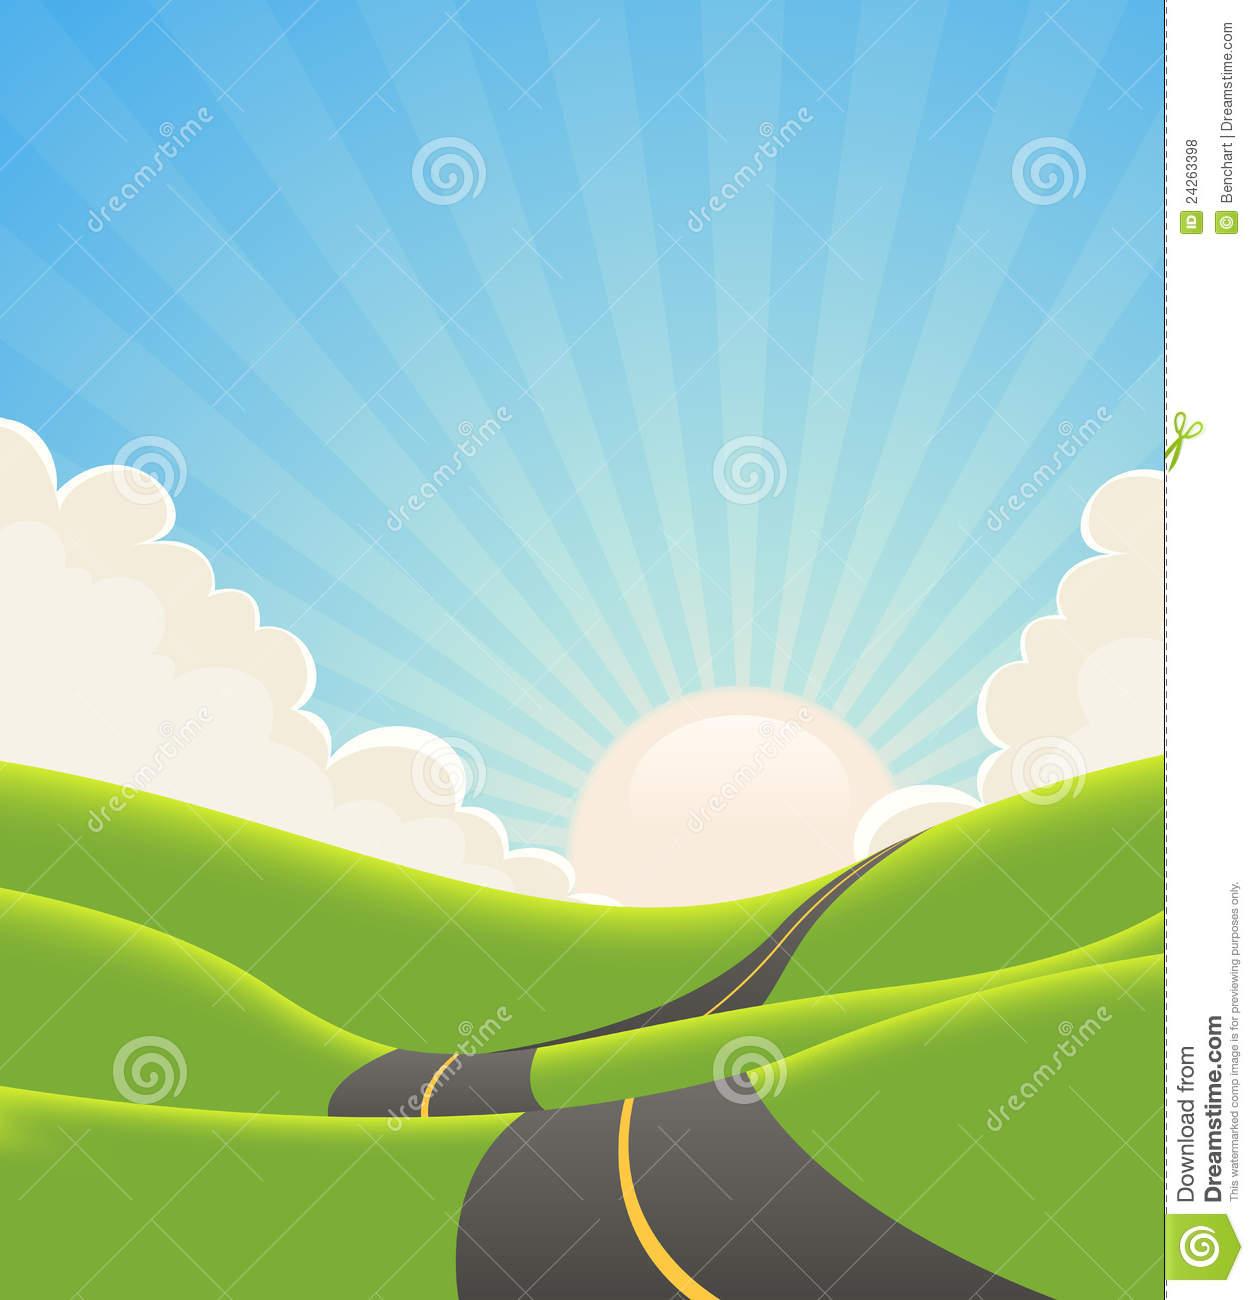 Road landscape clipart.